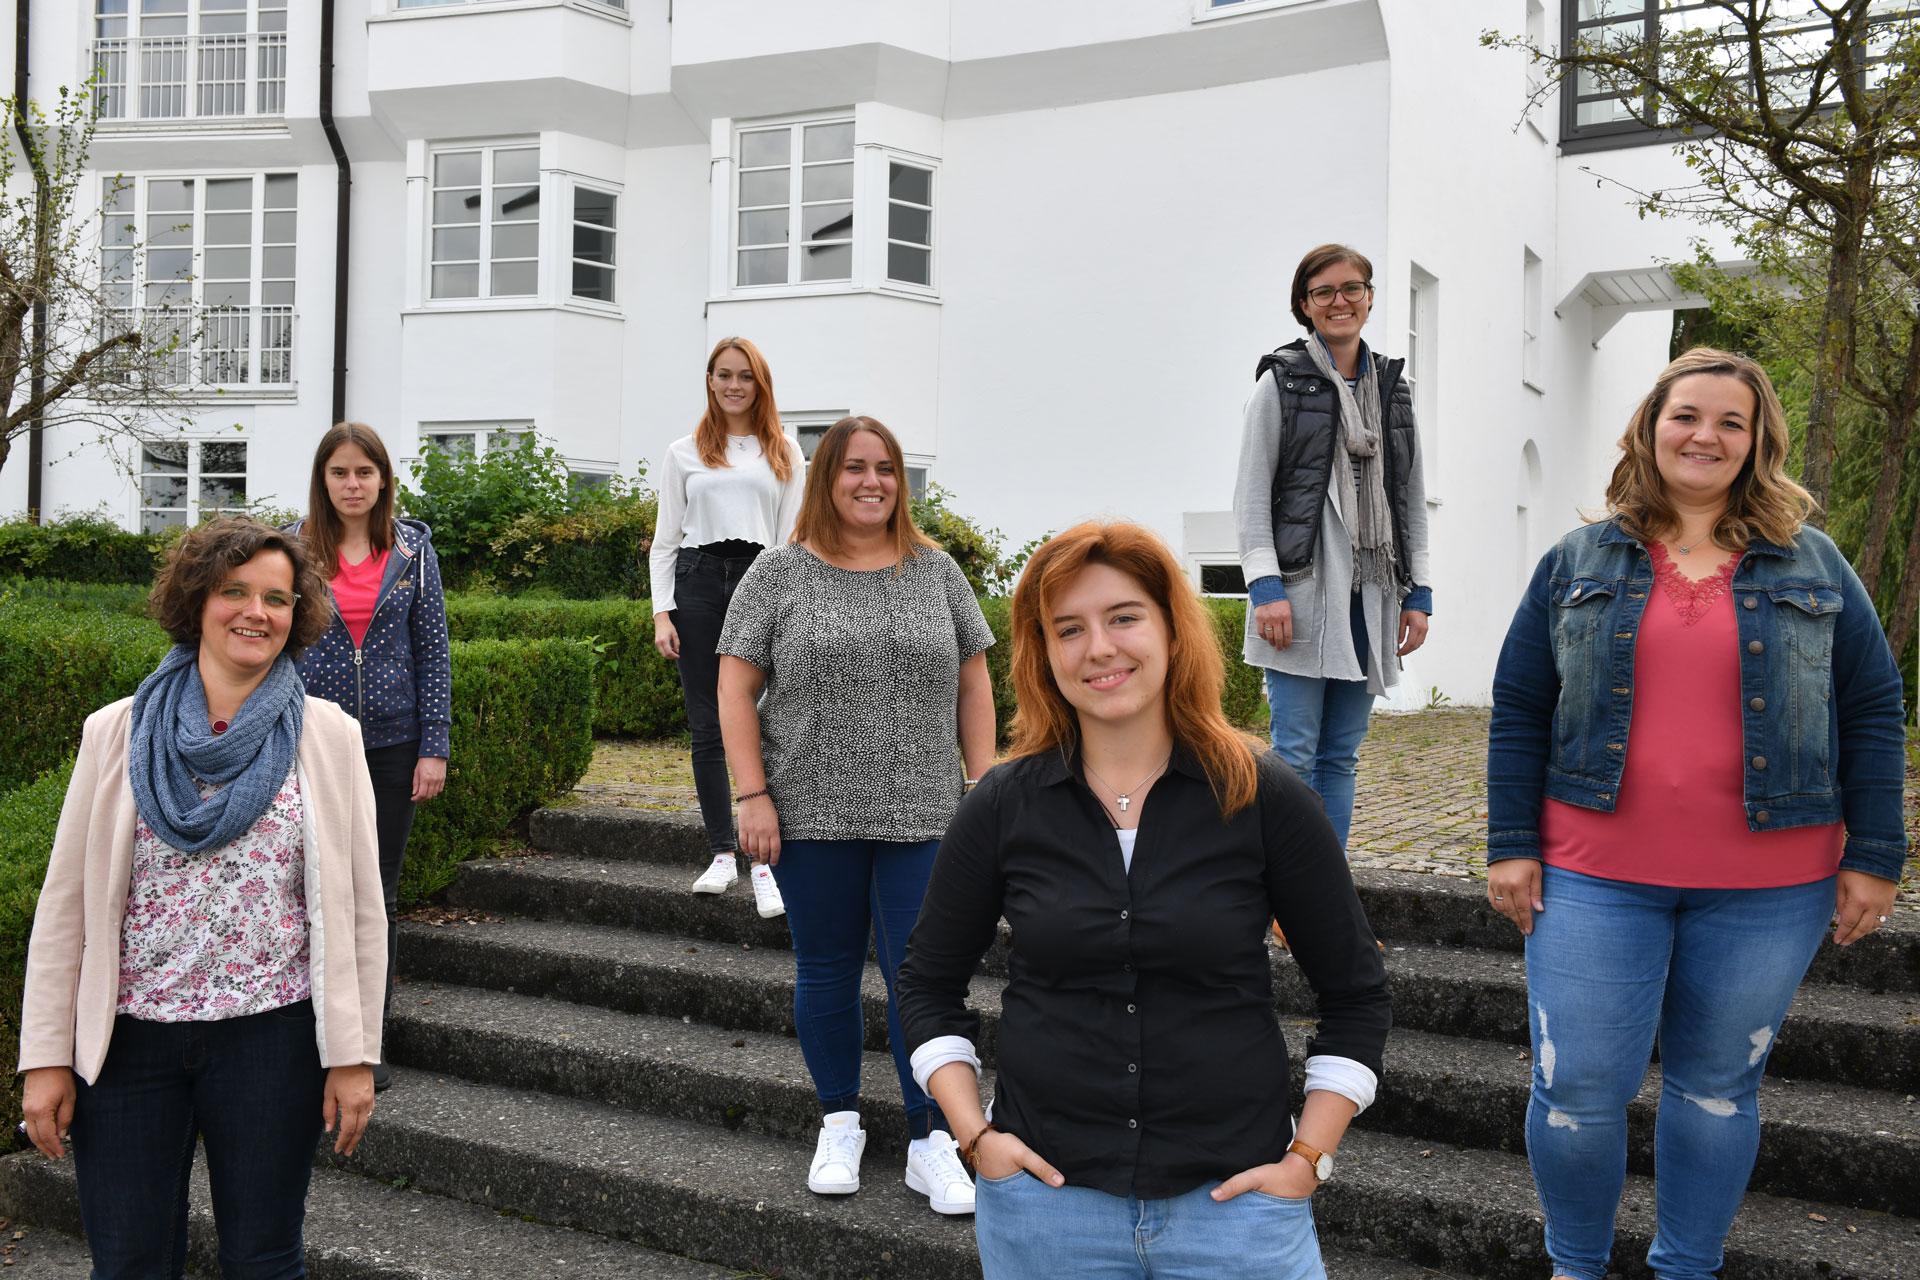 Sie sind auf dem Weg, Gemeindereferentinnen zu werden (v.l.): Claudia Chmiel, Magdalena Görtler, Lisa Kiesel, Anna Kölz, Franziska Demuth, Maria Hartmann, Liana Handlgruber